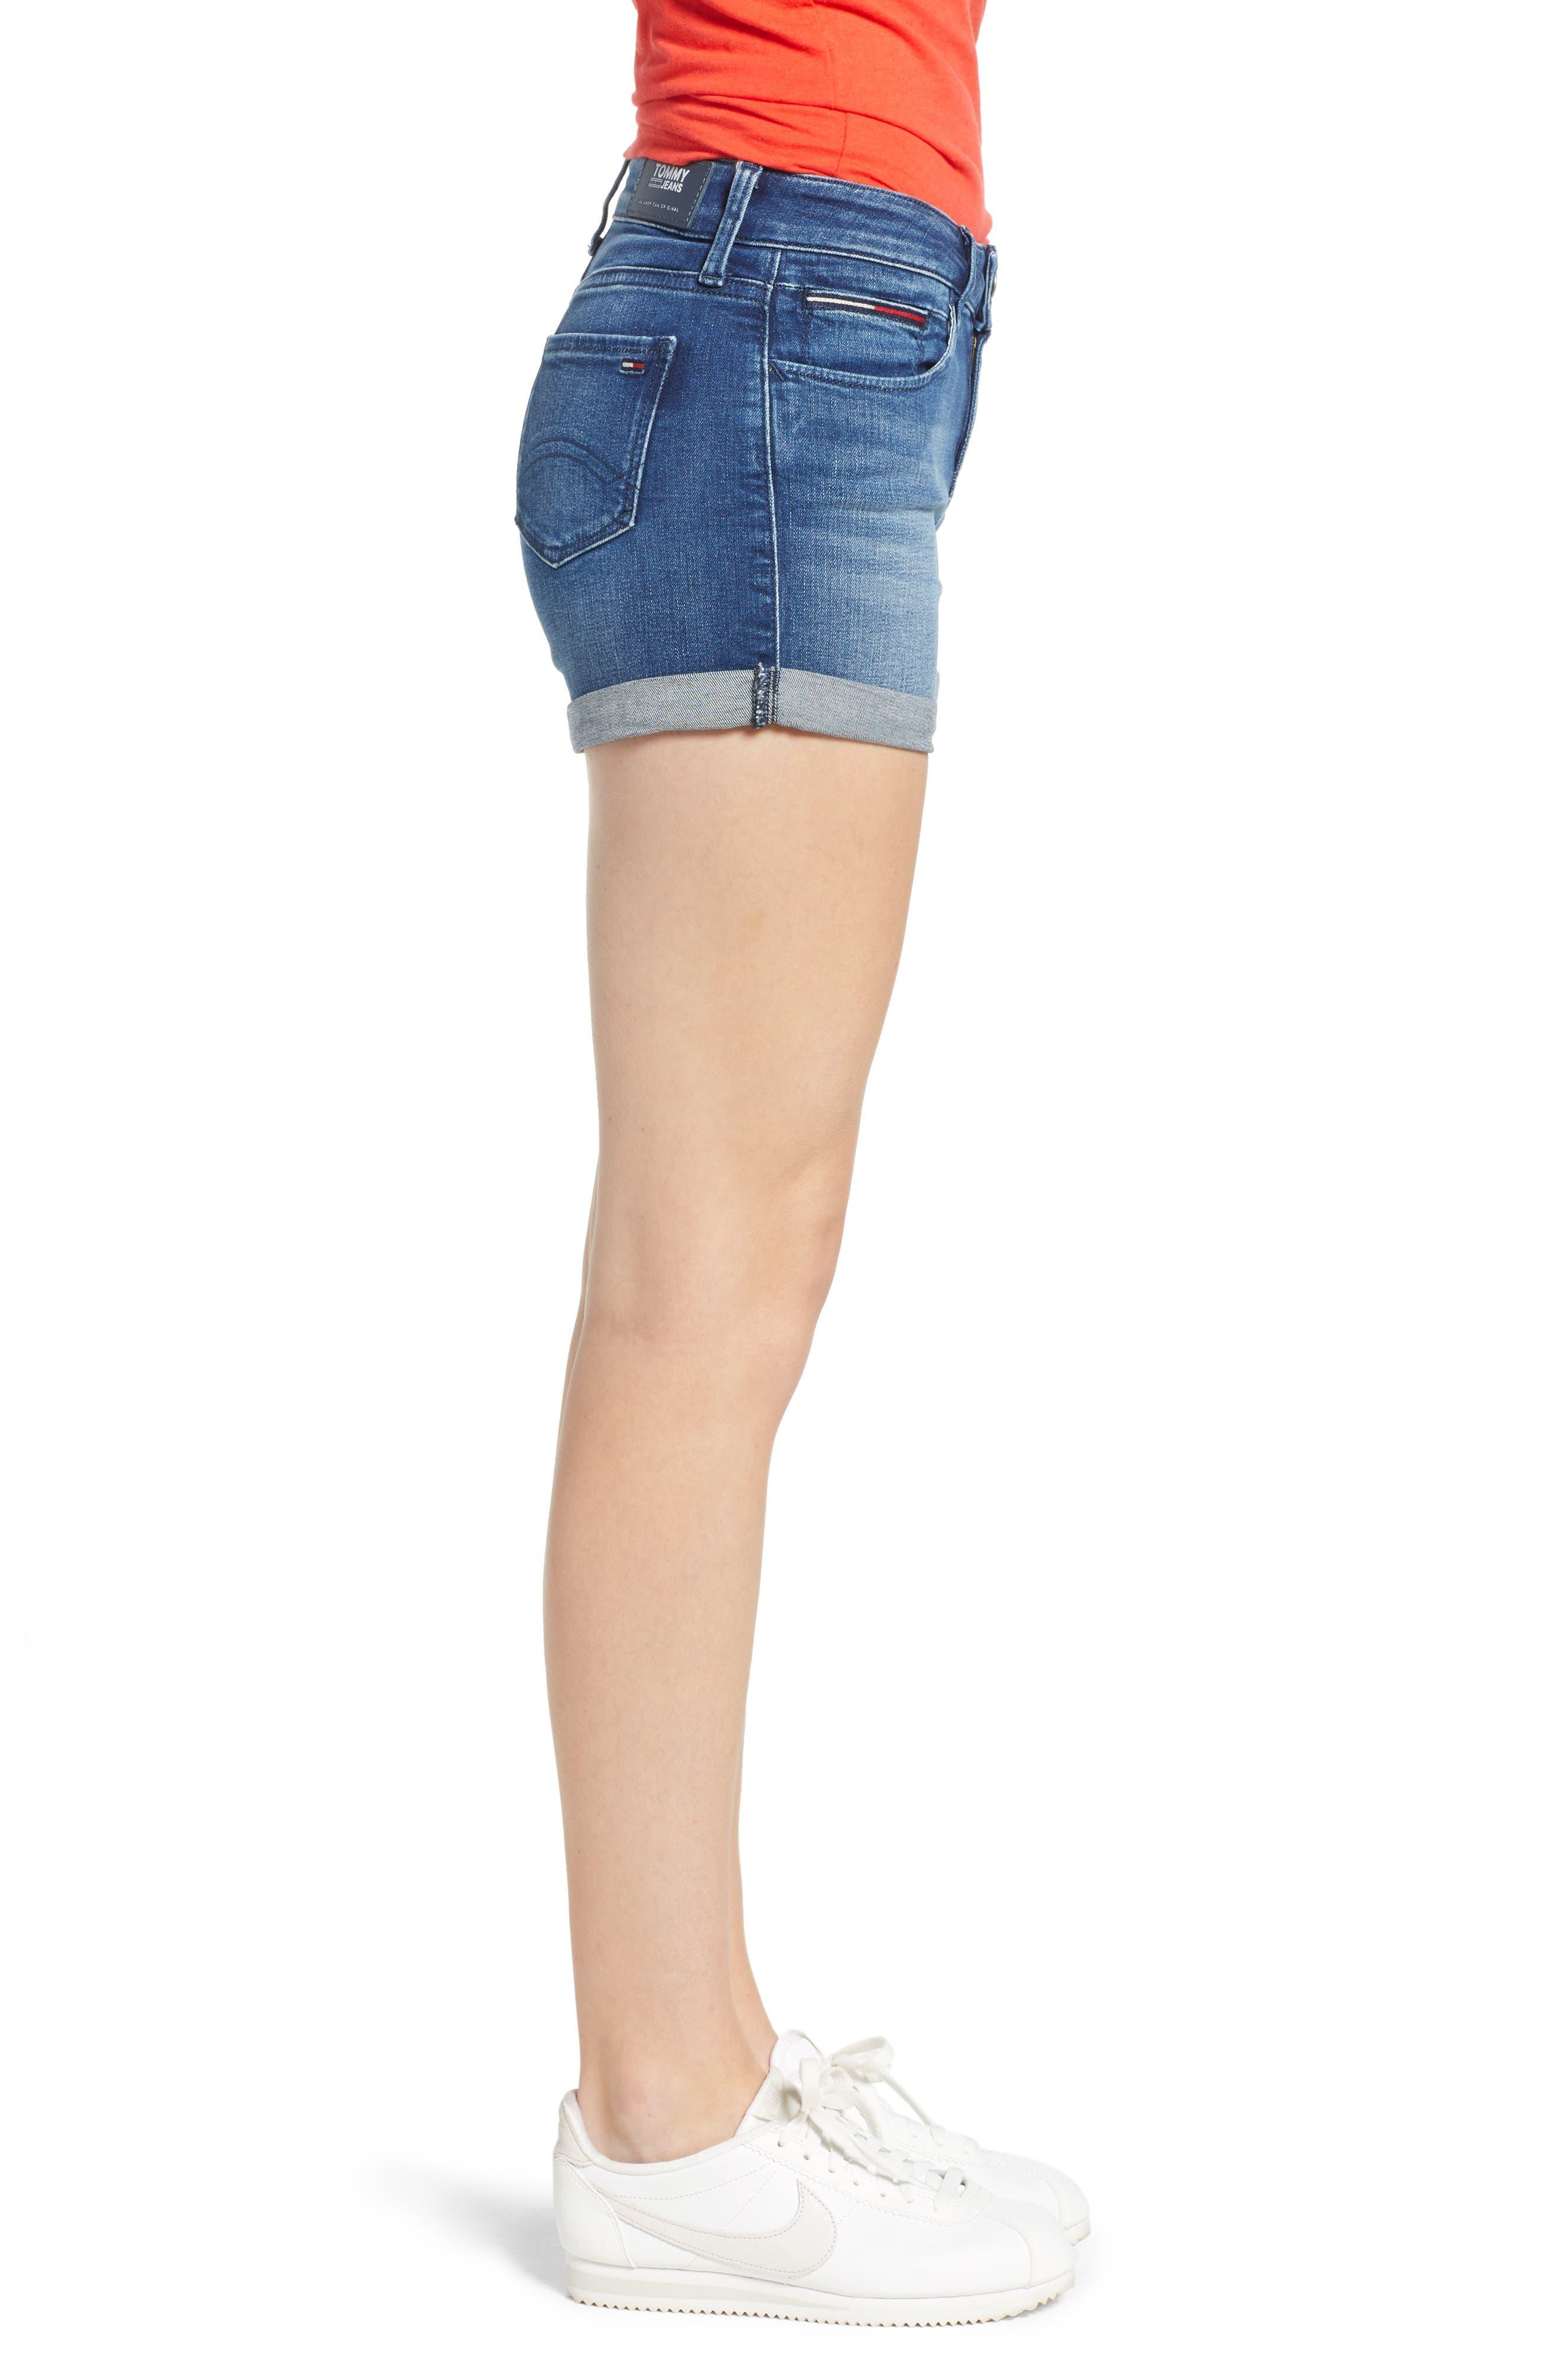 TJW Denim Shorts,                             Alternate thumbnail 3, color,                             400